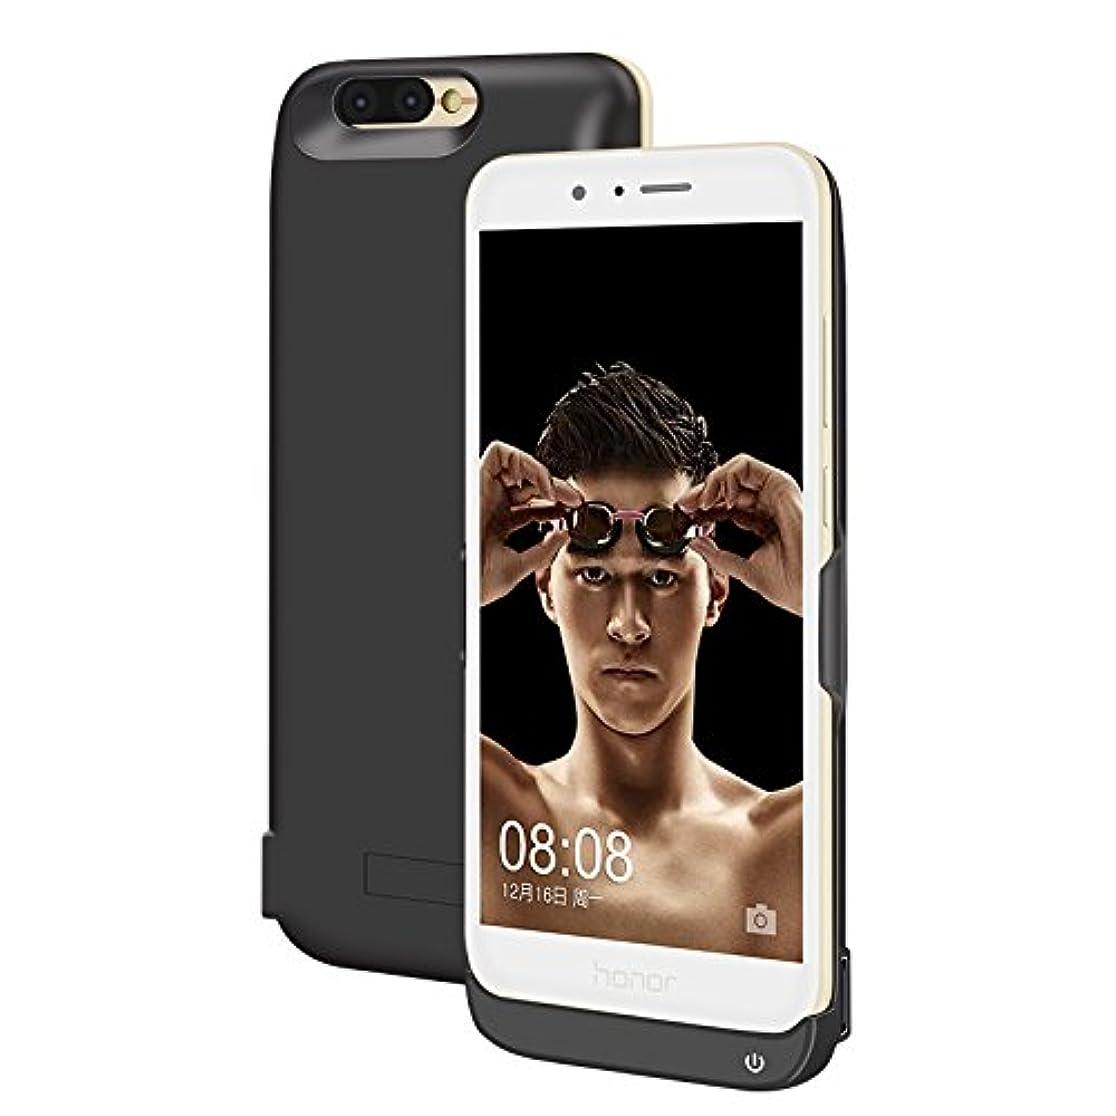 良心採用事業Huawei Honor V9 battery 電池ケース, Phoebe ポータブル 外部 バックアップ 電池 充電器カバー ケース Pack の Huawei Honor V9 battery,Back Shell 充電式 パワー?バンク ケース Black